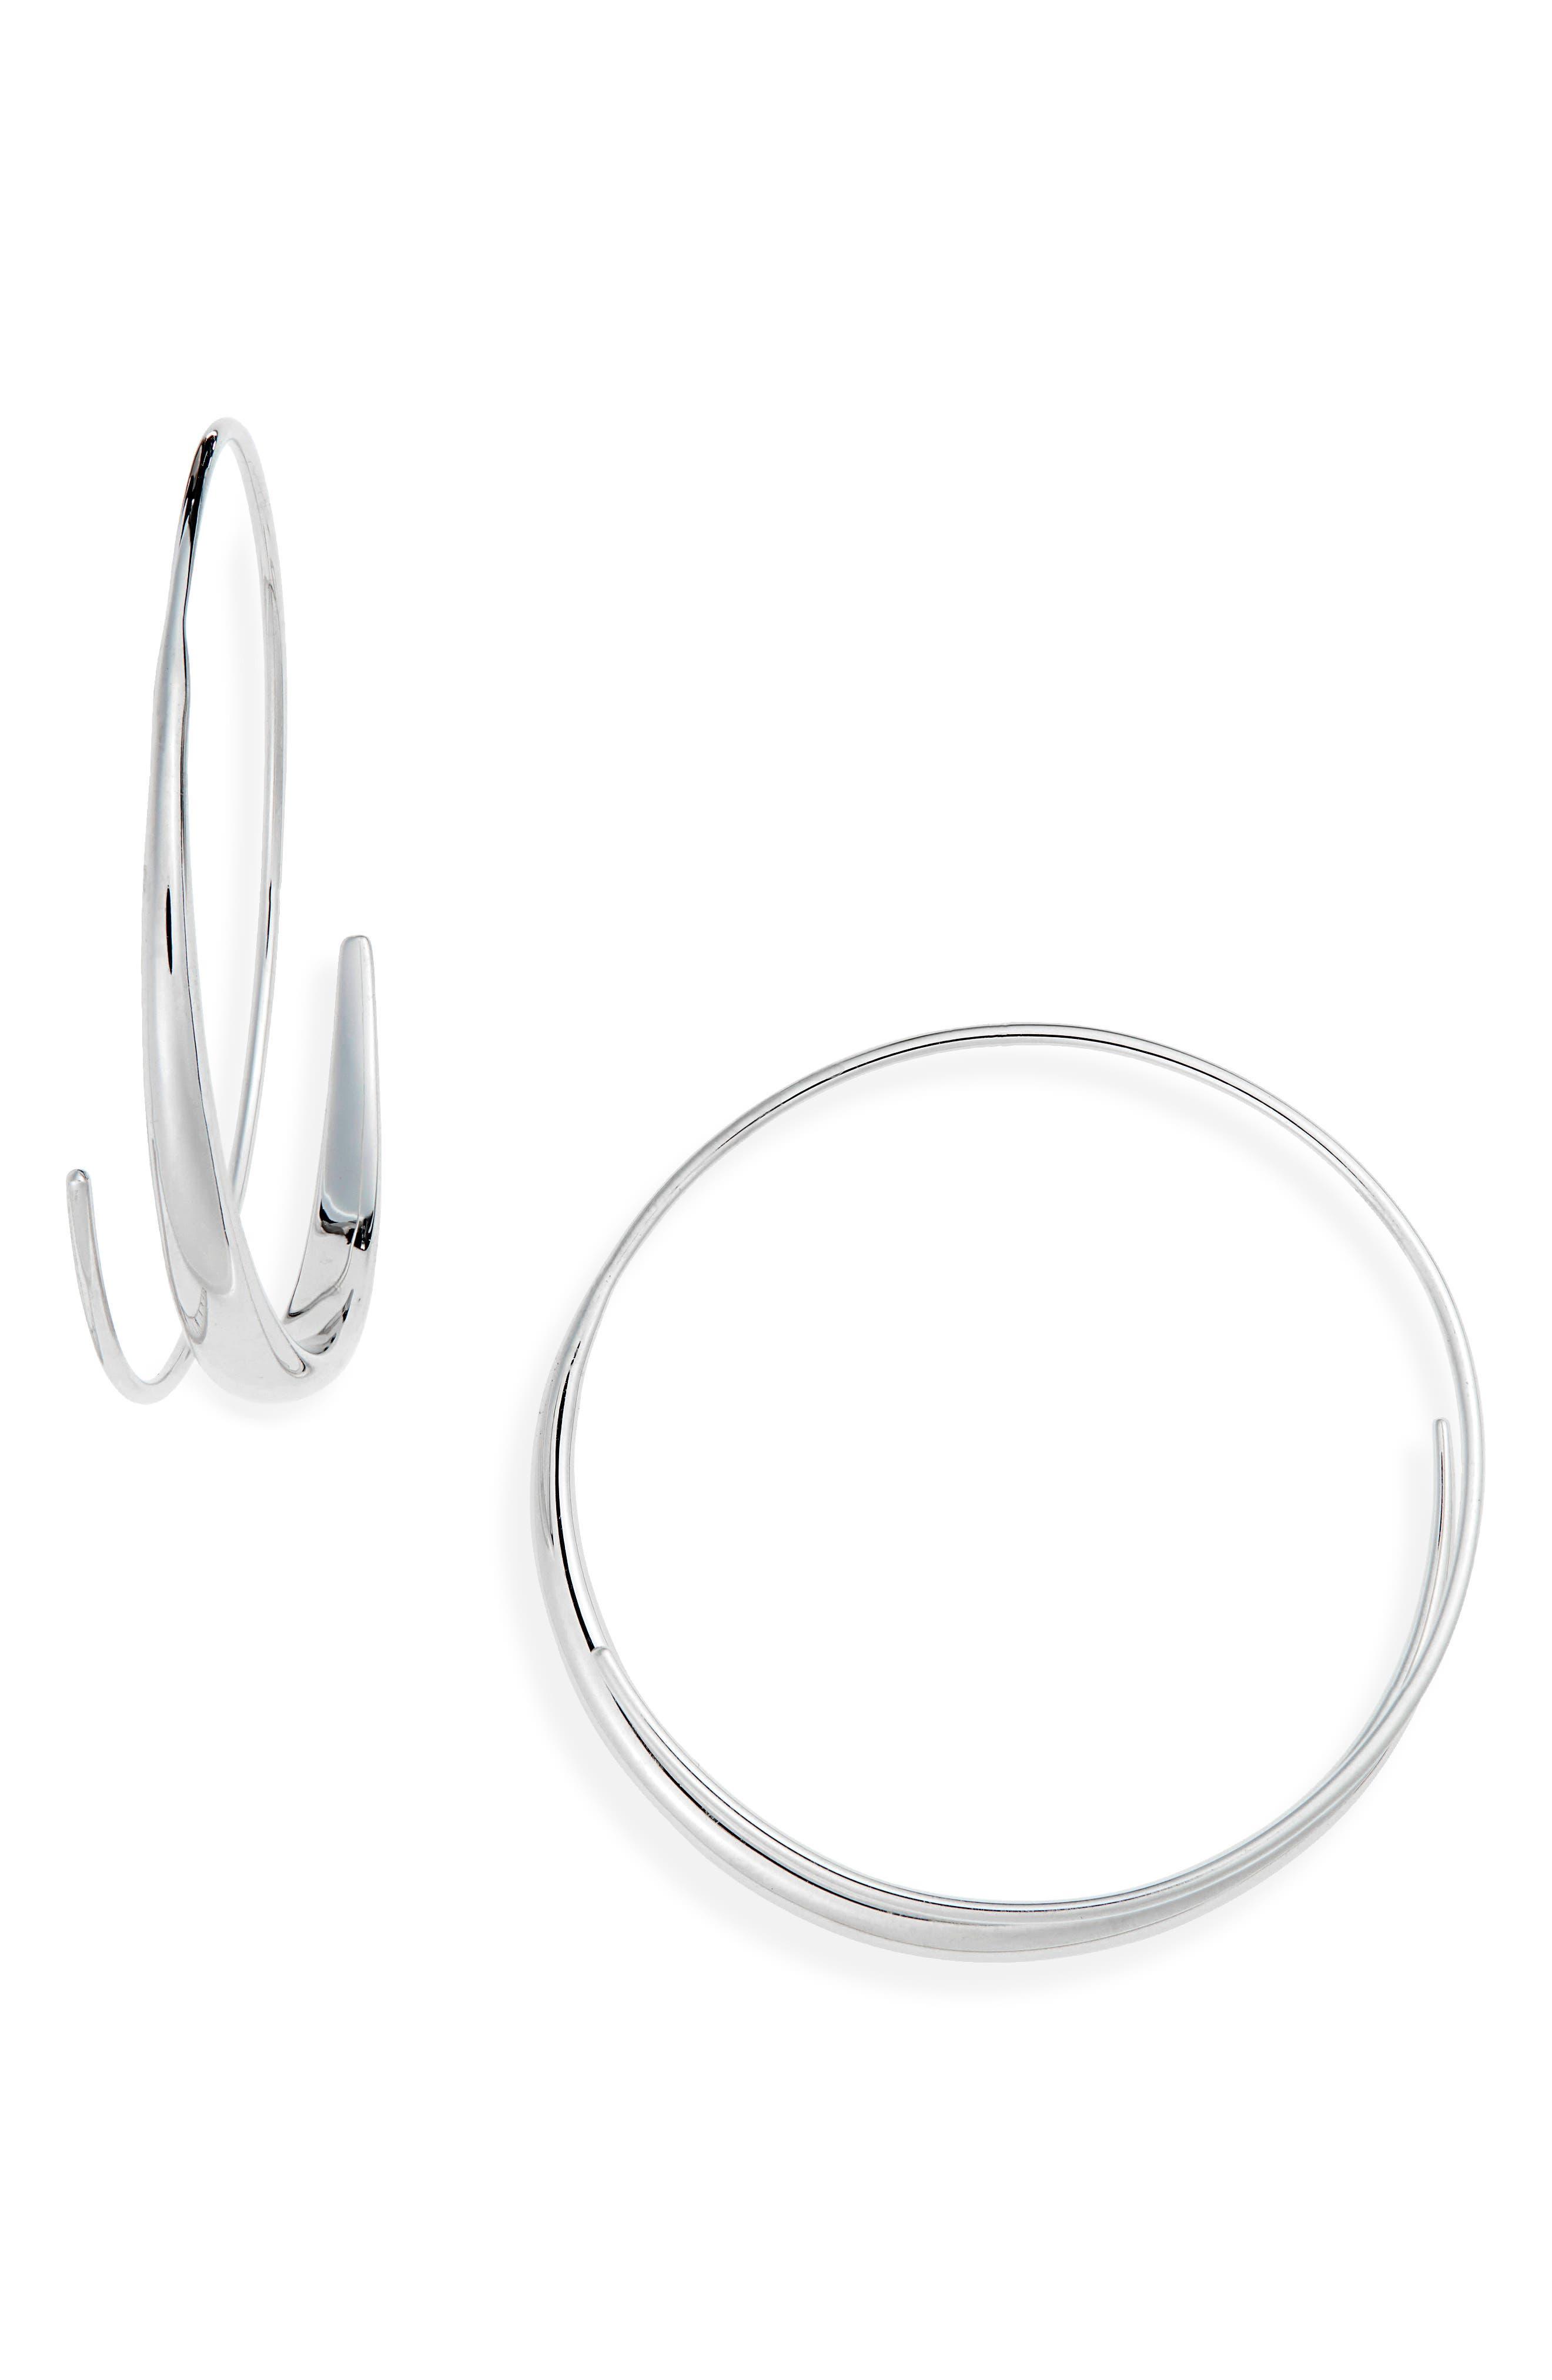 Large Ear Loop Earrings,                         Main,                         color, 925 STERLING SILVER